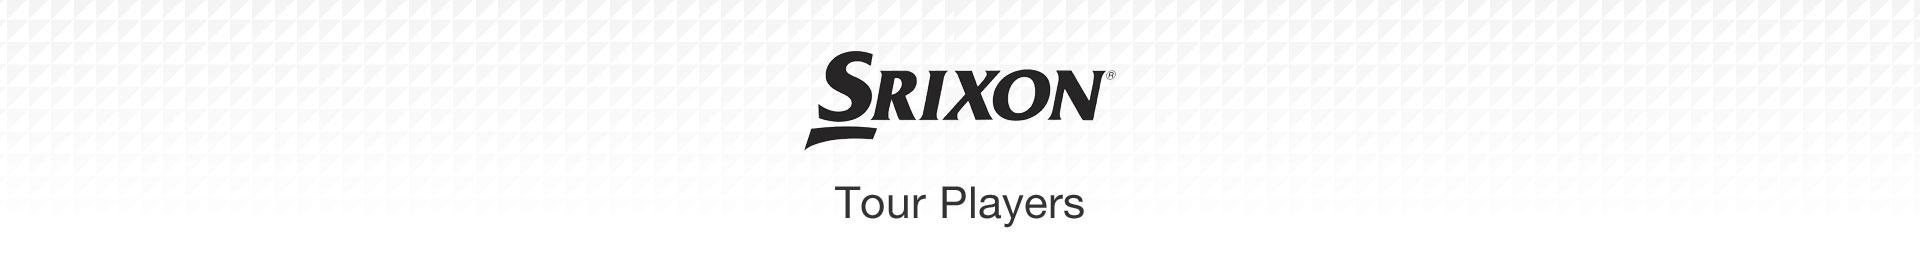 Srixon Tour Players